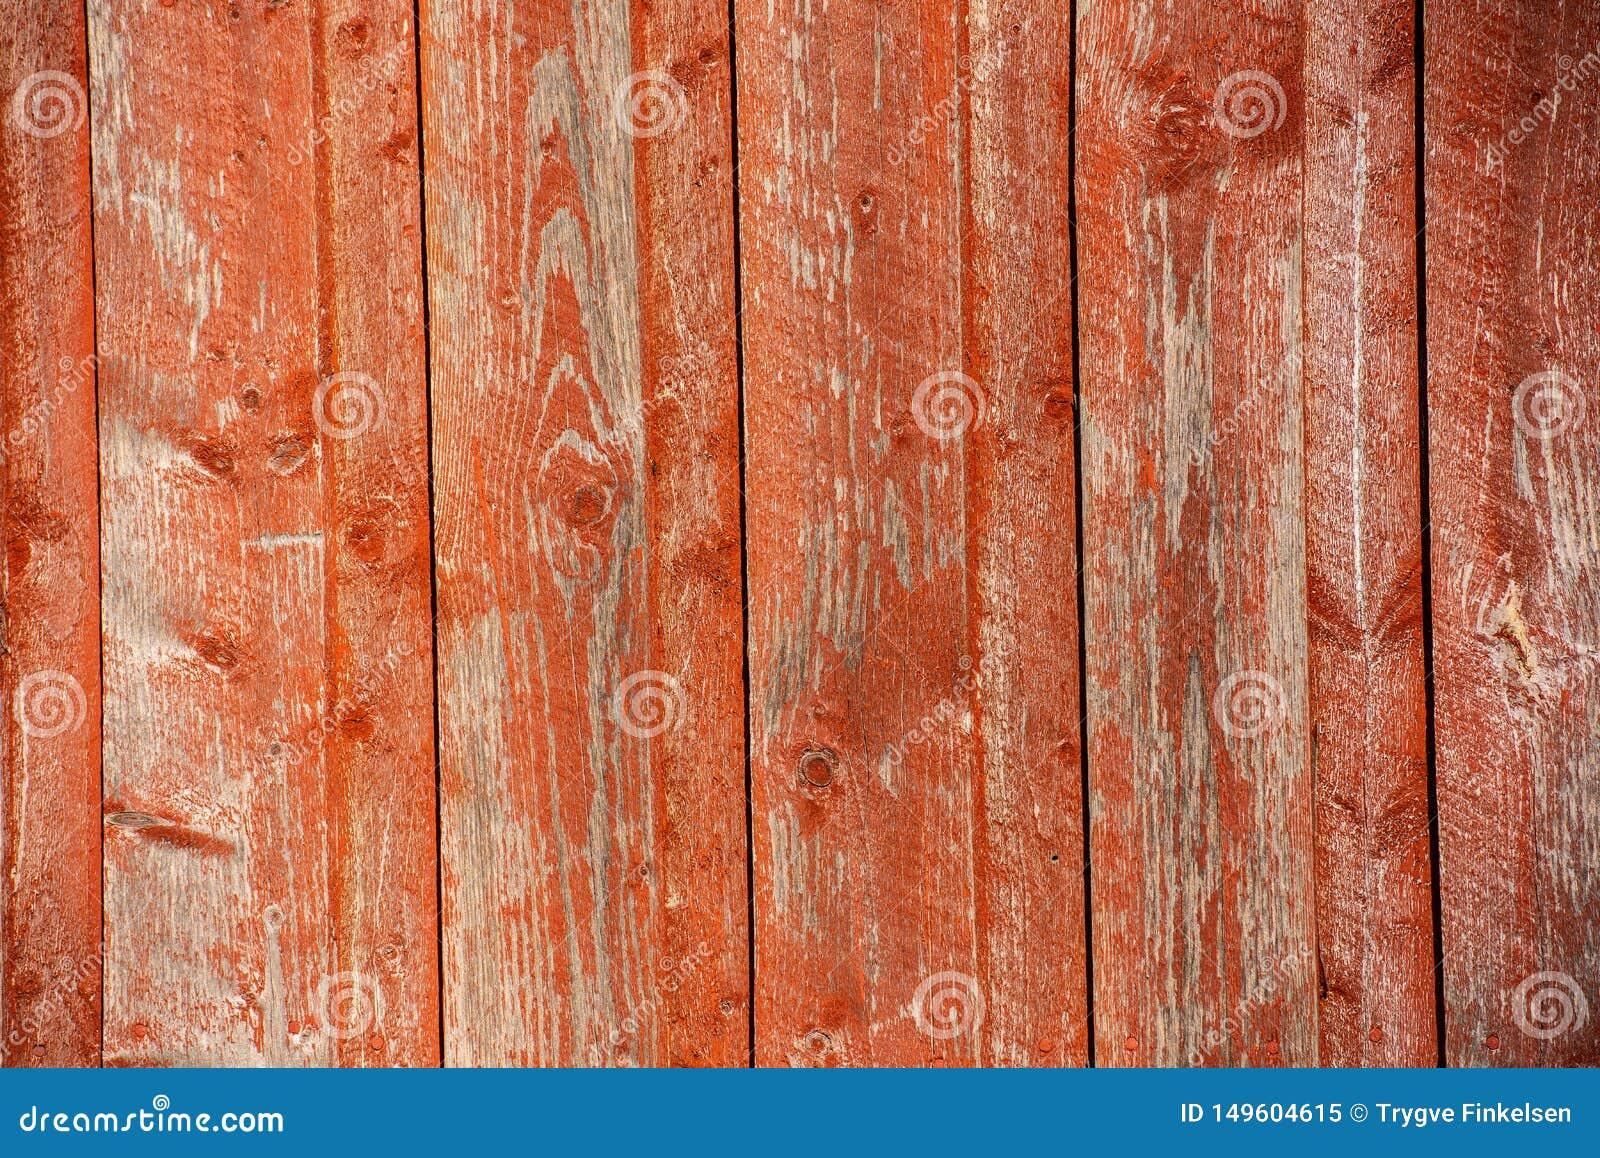 Incorniciatura di legno verticale rossa al sole